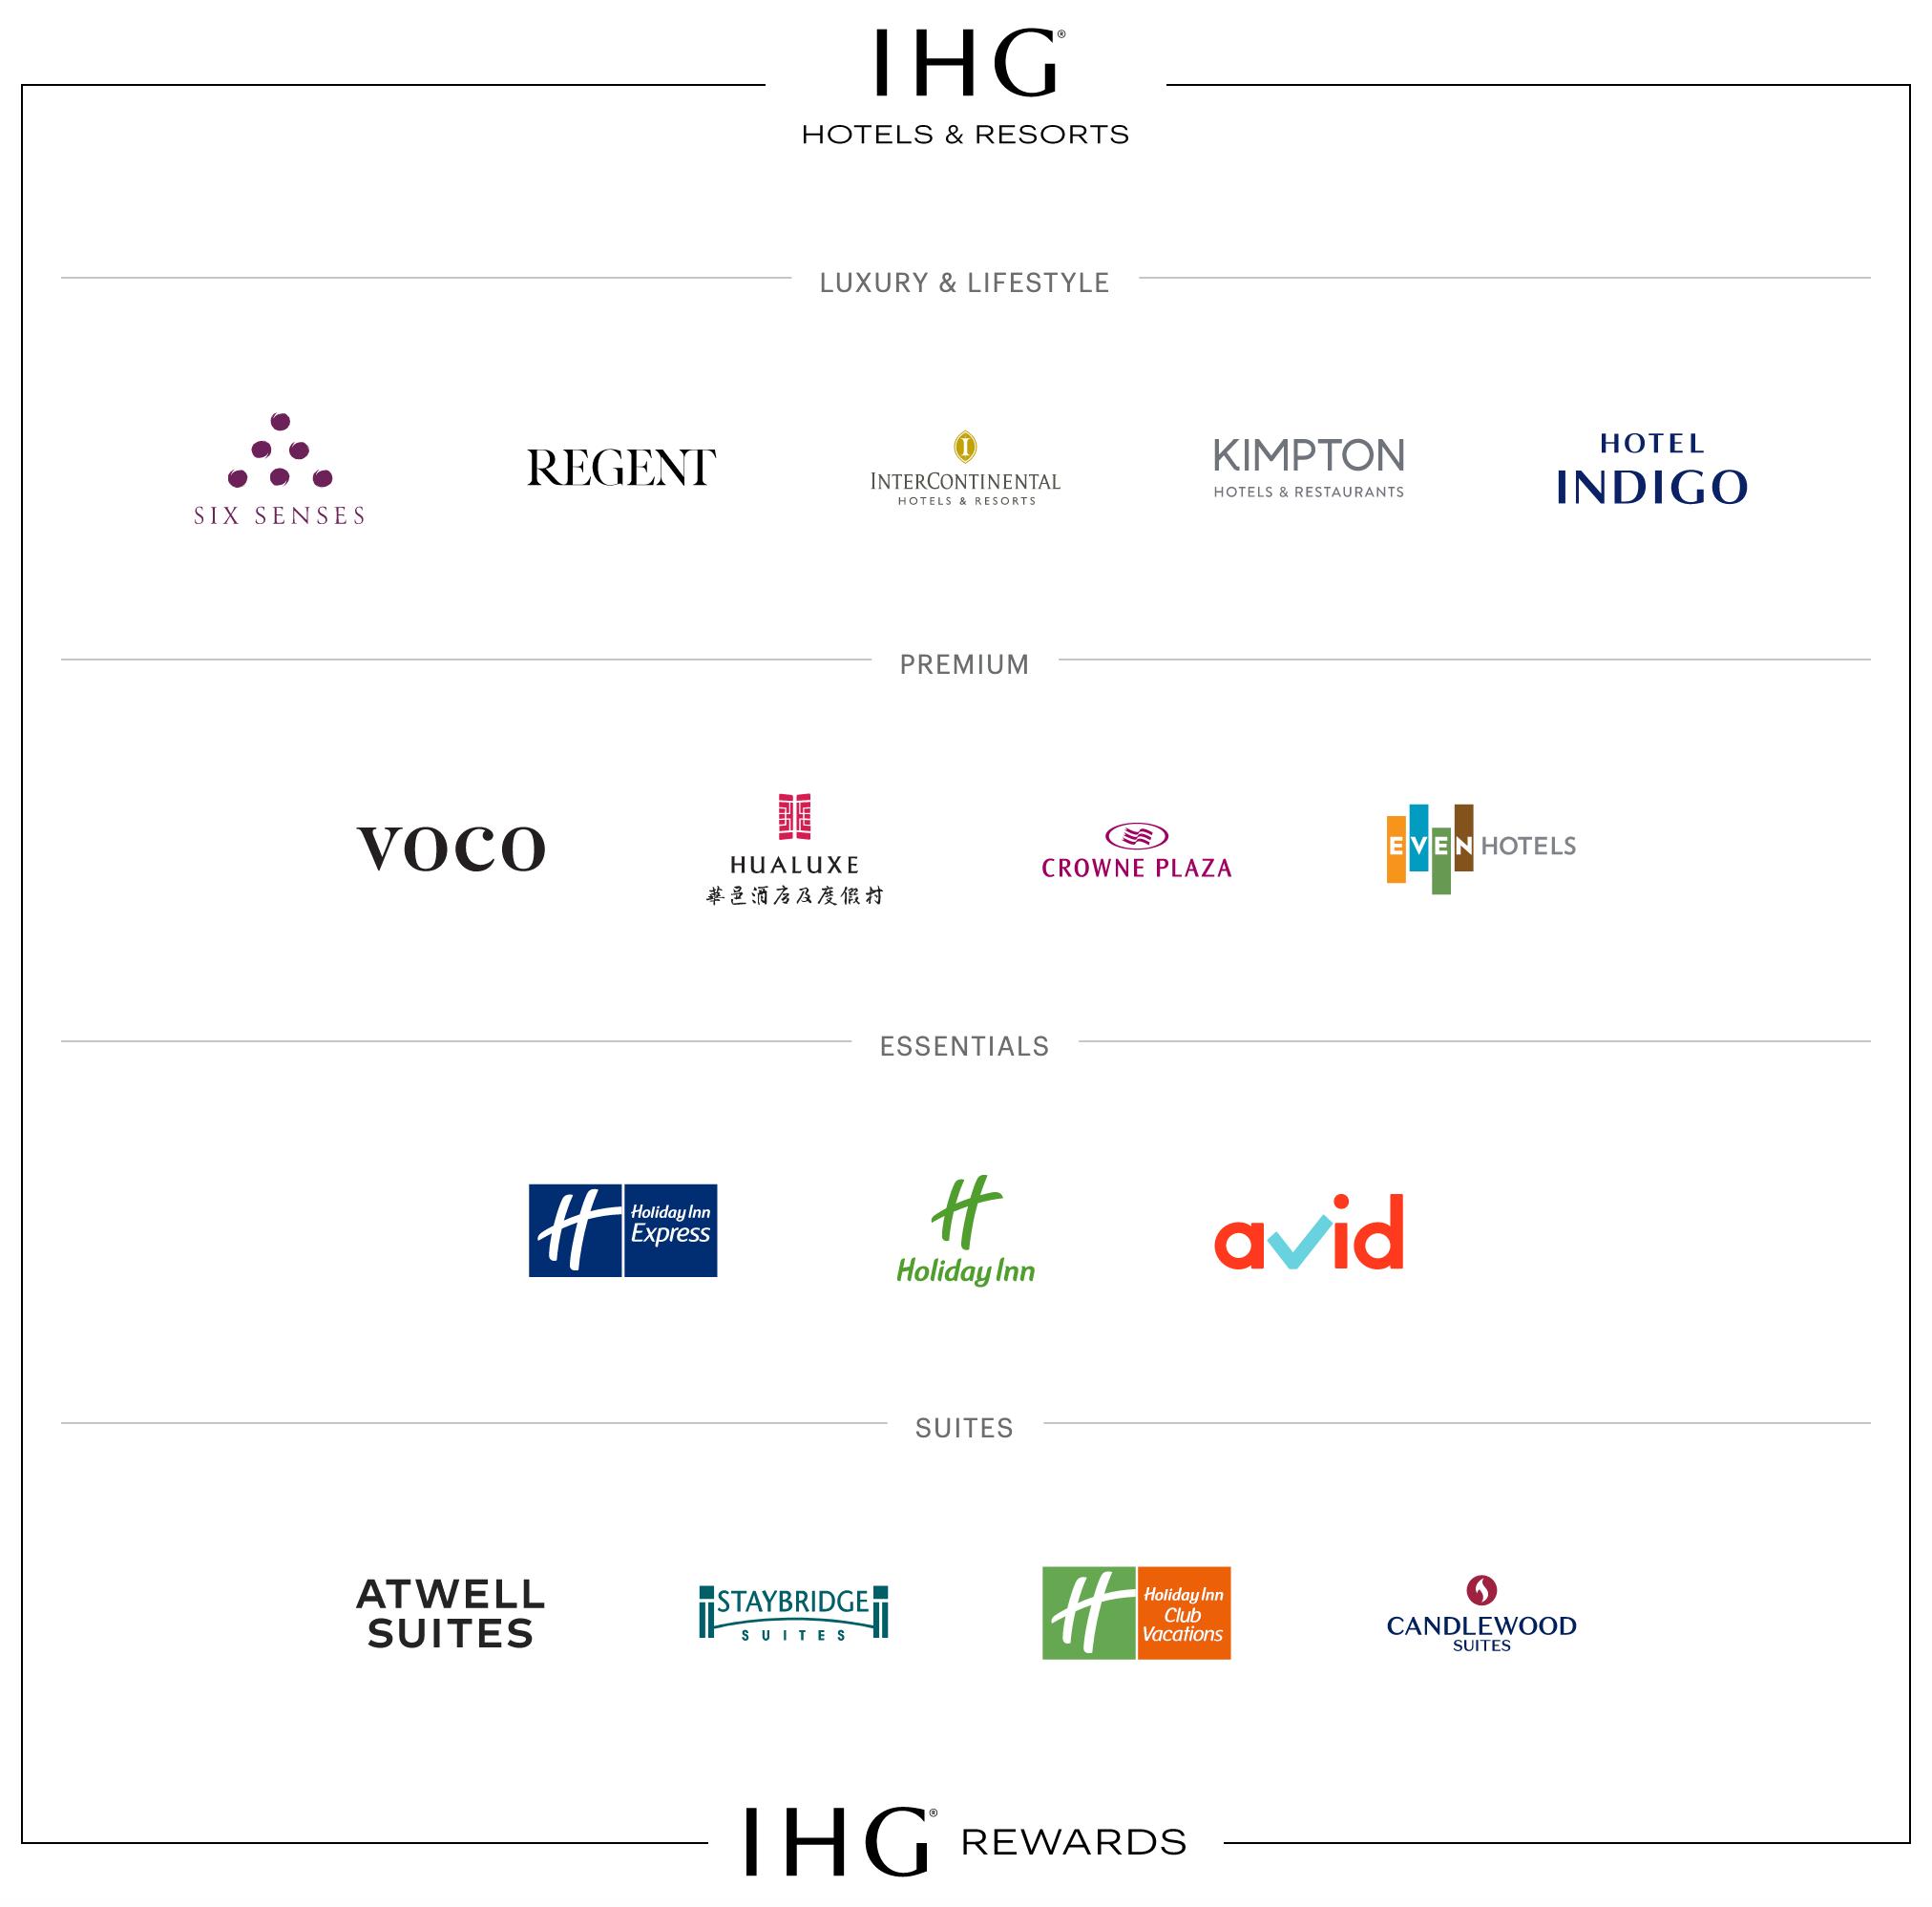 IHGのホテルグループ一覧